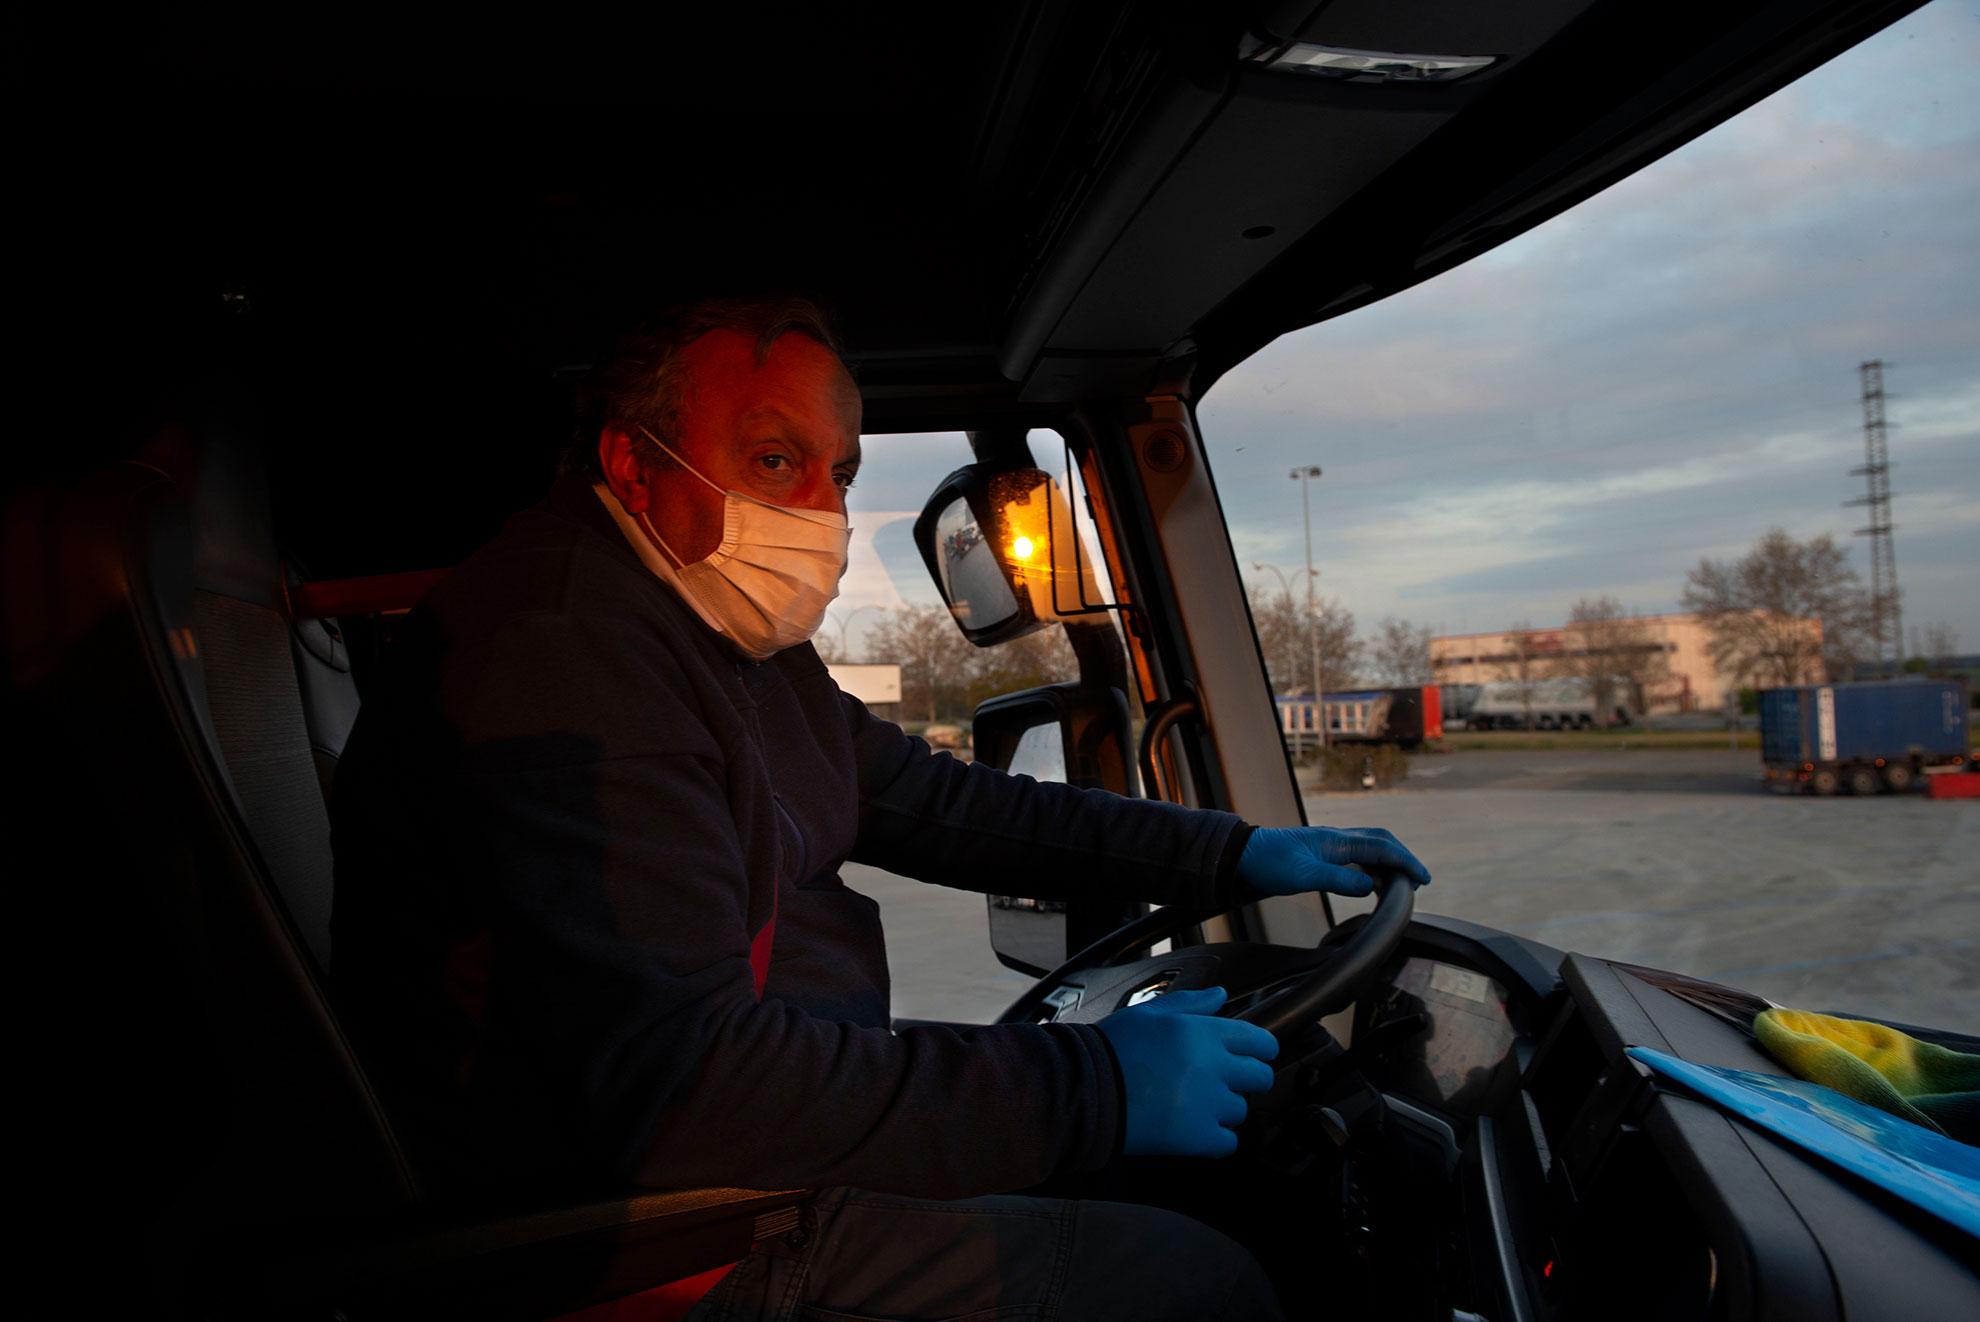 El trabajo de Mounir Mejdoub, chofer de Frio Aragón, es incesante estos días. Todavía de noche, con un camión cargado de productos frescos, sale de Mercazaragoza para hacer posible que no falten alimentos en los comercios. Las medidas de contención han afectado a su duro día a día. Con los primeros rayos de sol hace una parada en la estación de servicio de Tudela, una de las pocas que Mounir encuentra en su ruta para proveerse de alimentación o aseo. El suyo es uno de esos rostros anónimos que hacen posible que no haya desabastecimiento.